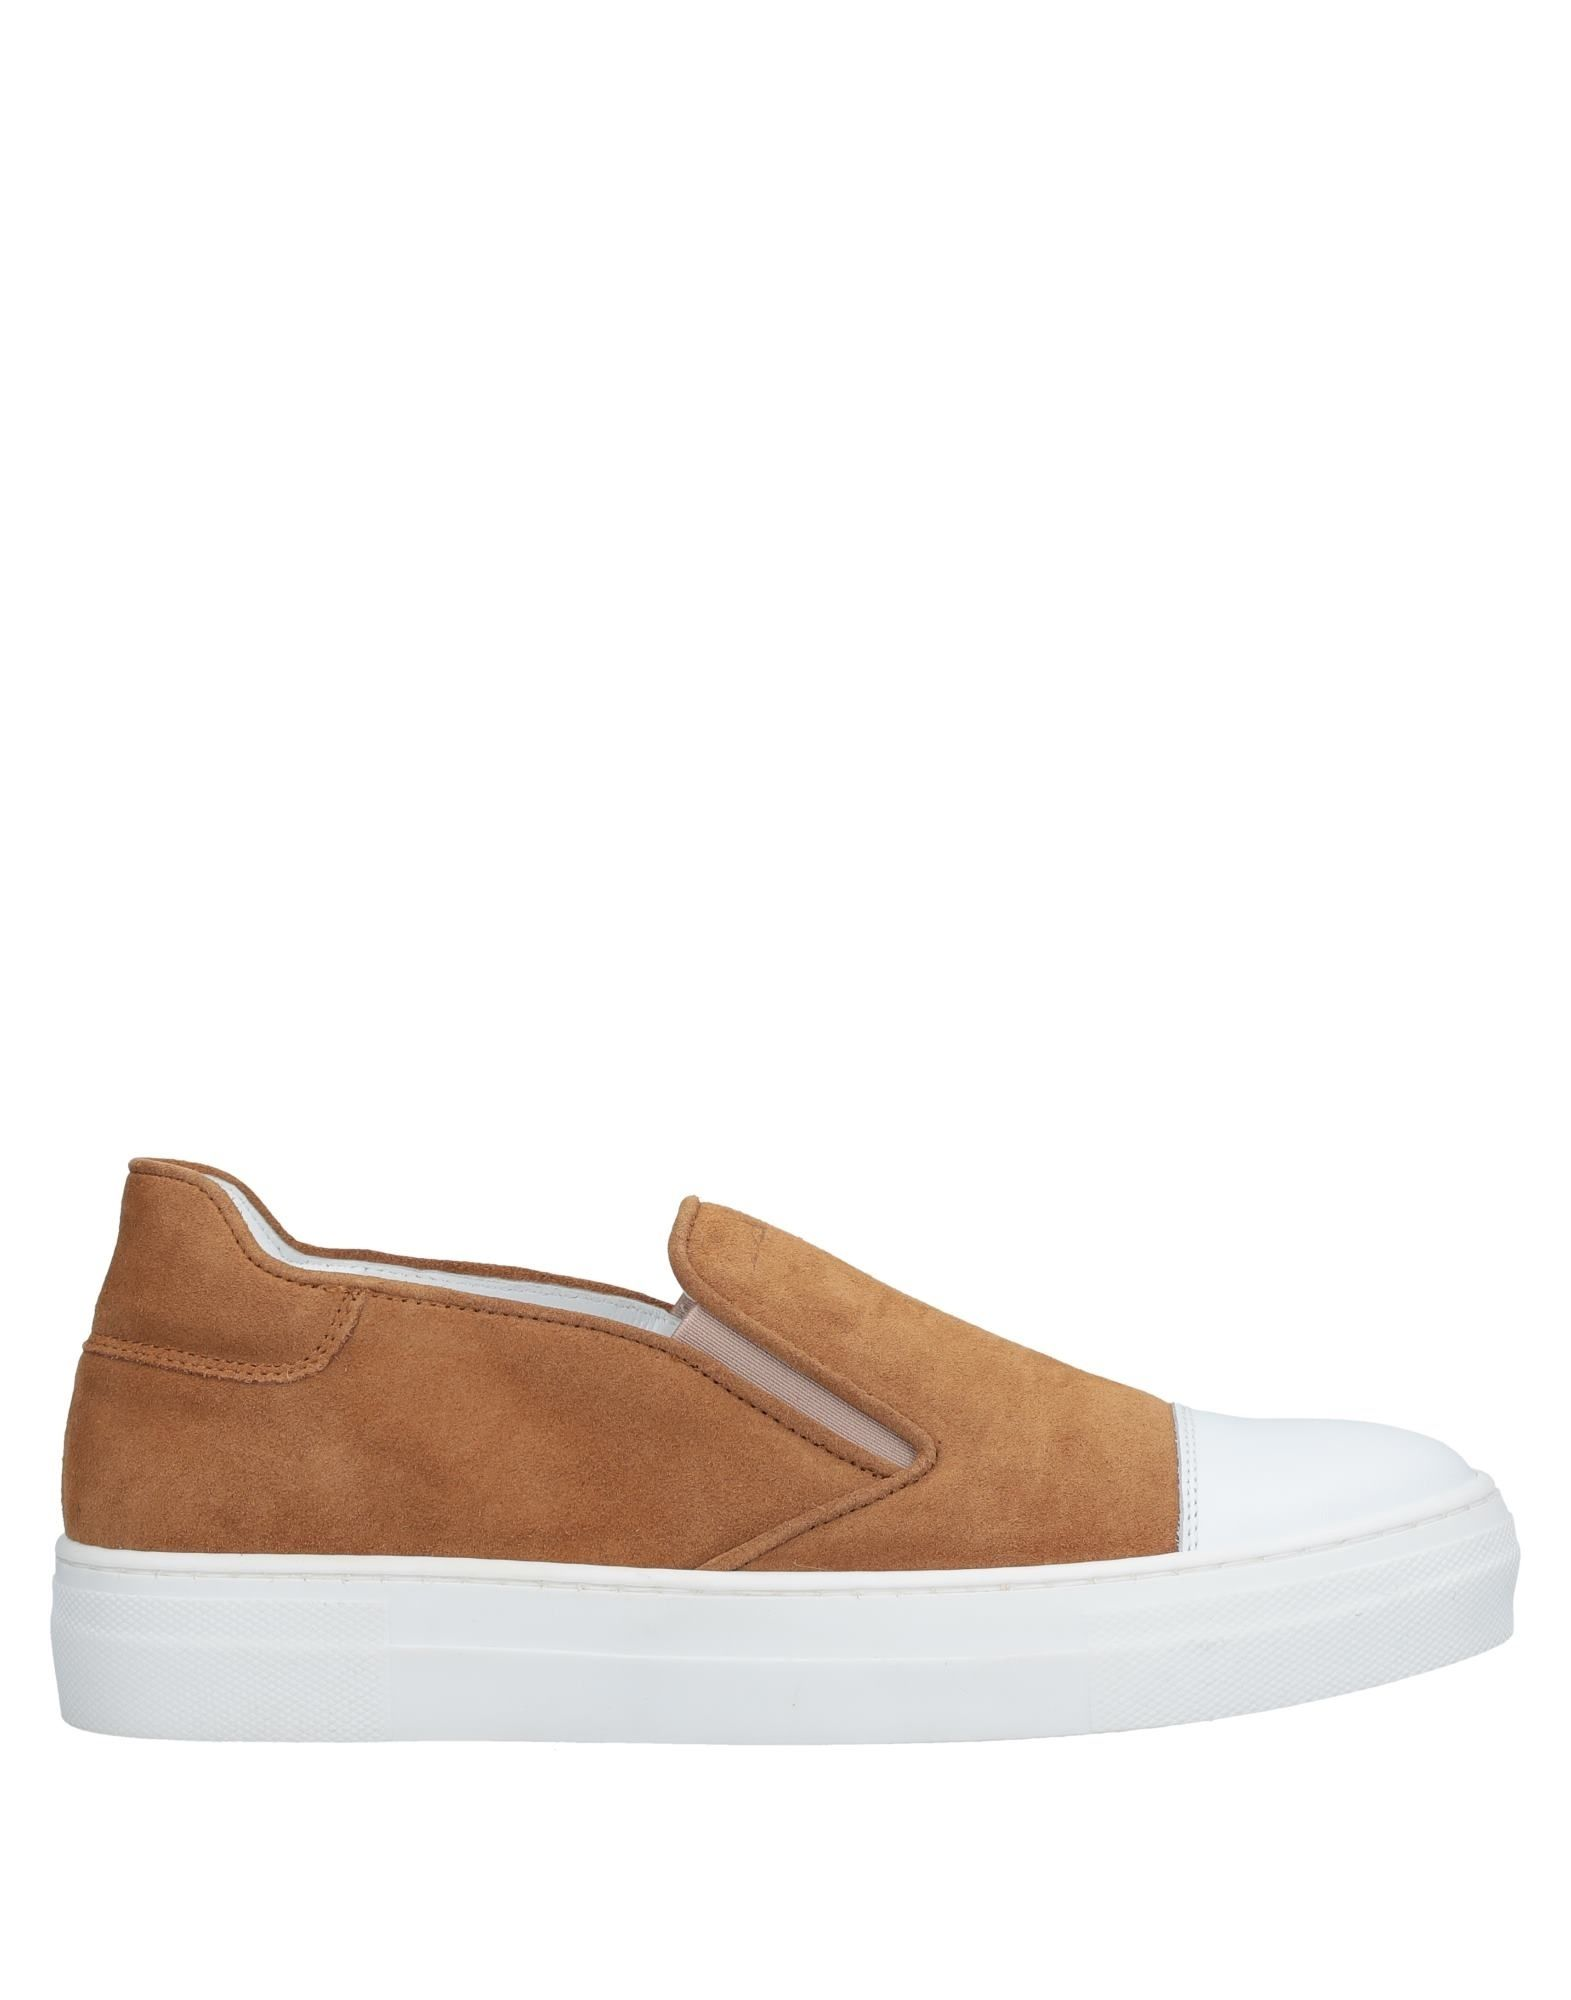 Fiamme Sneakers Damen  11525975QQ Gute Qualität beliebte Schuhe